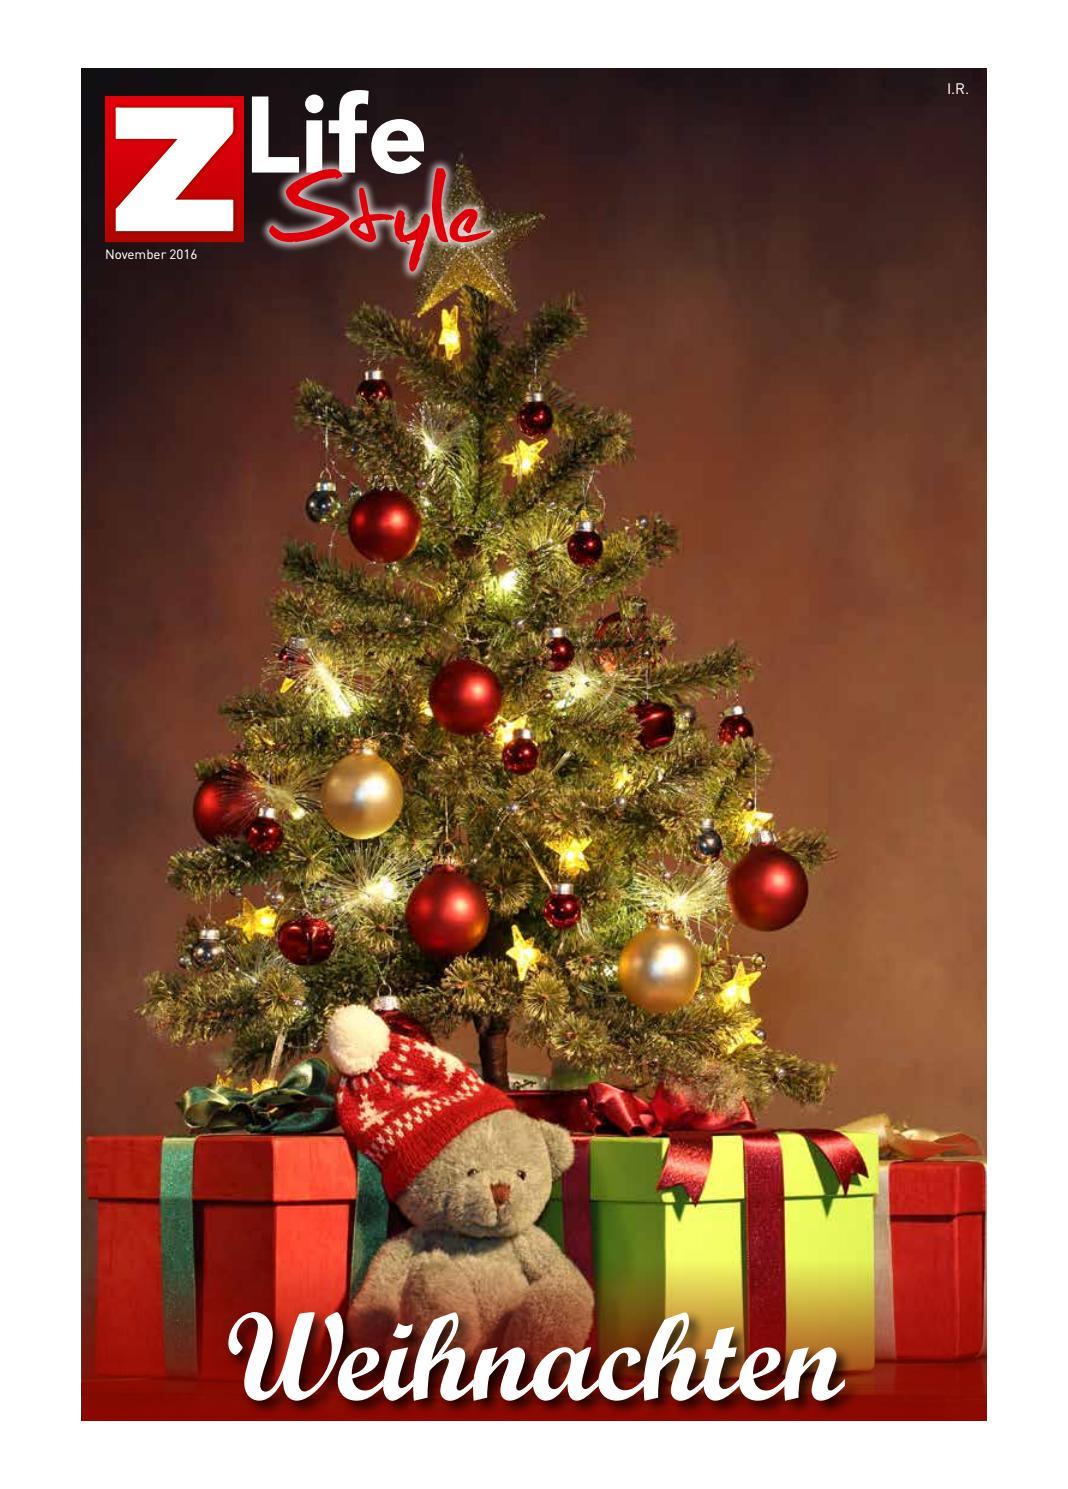 Zett Lifestyle - Weihnachten by suedtirolonline - issuu